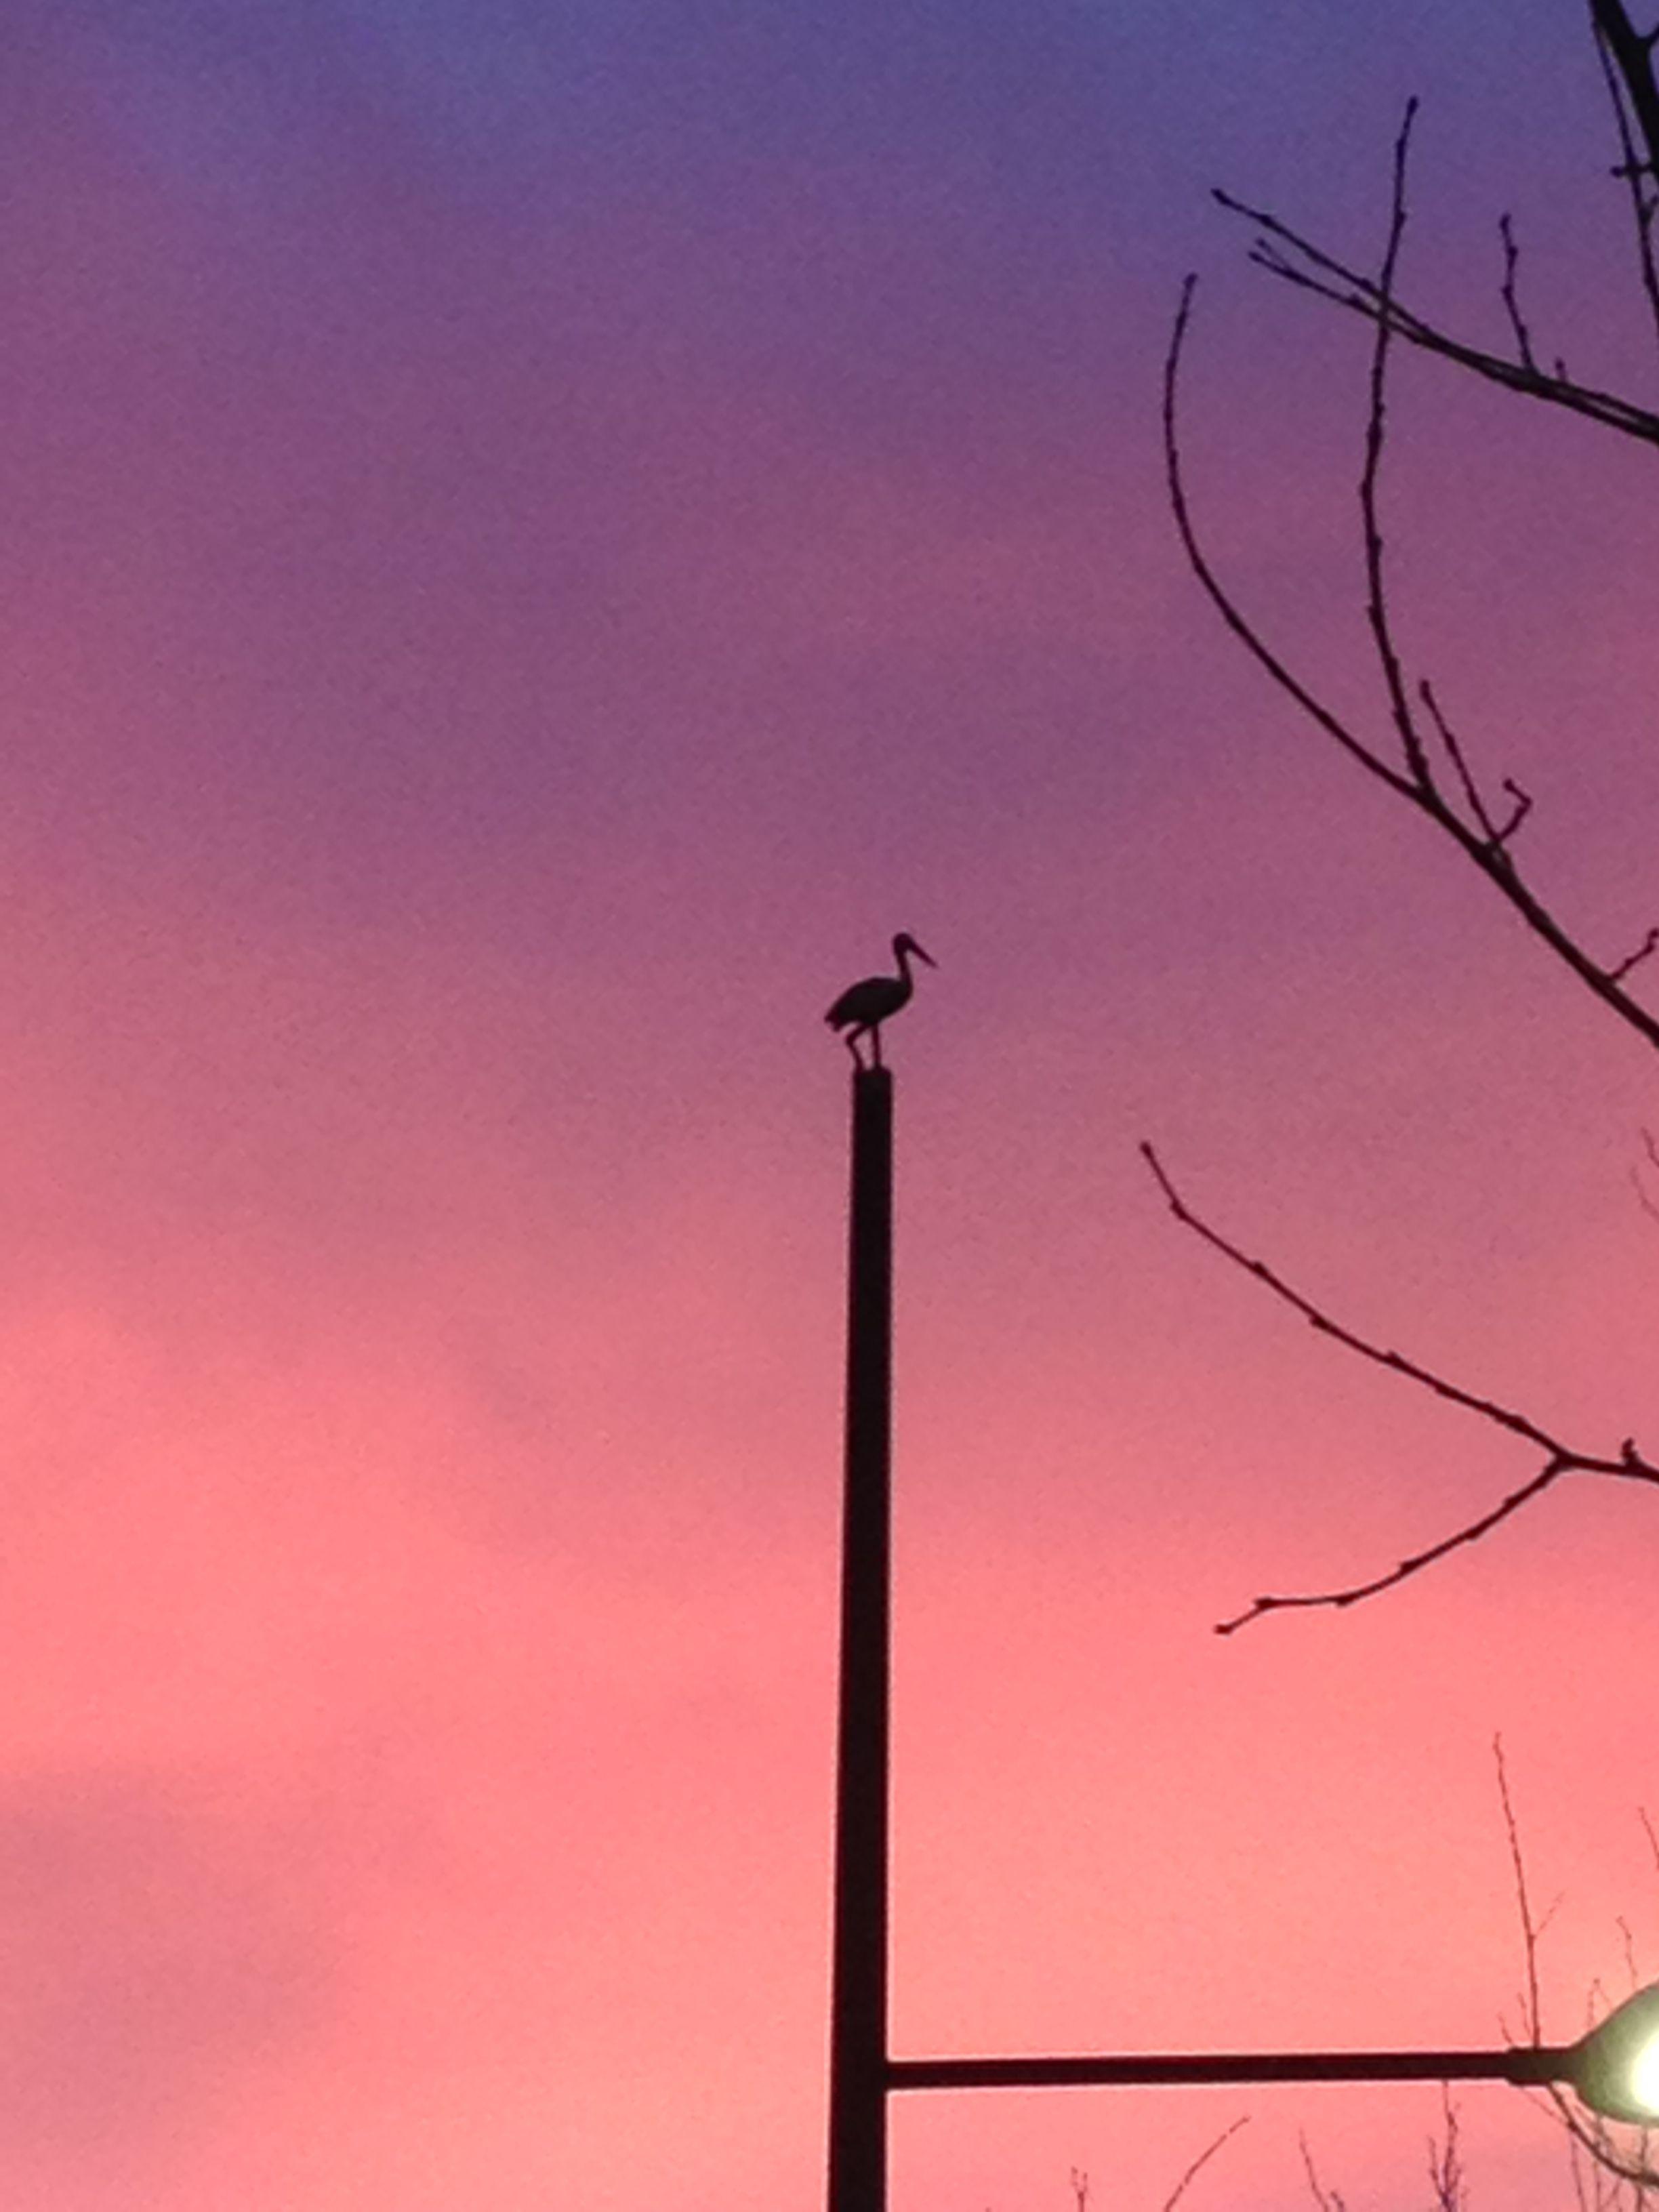 Vogel op de lichtmasten aan de Turfmarkt (Haagse loper)